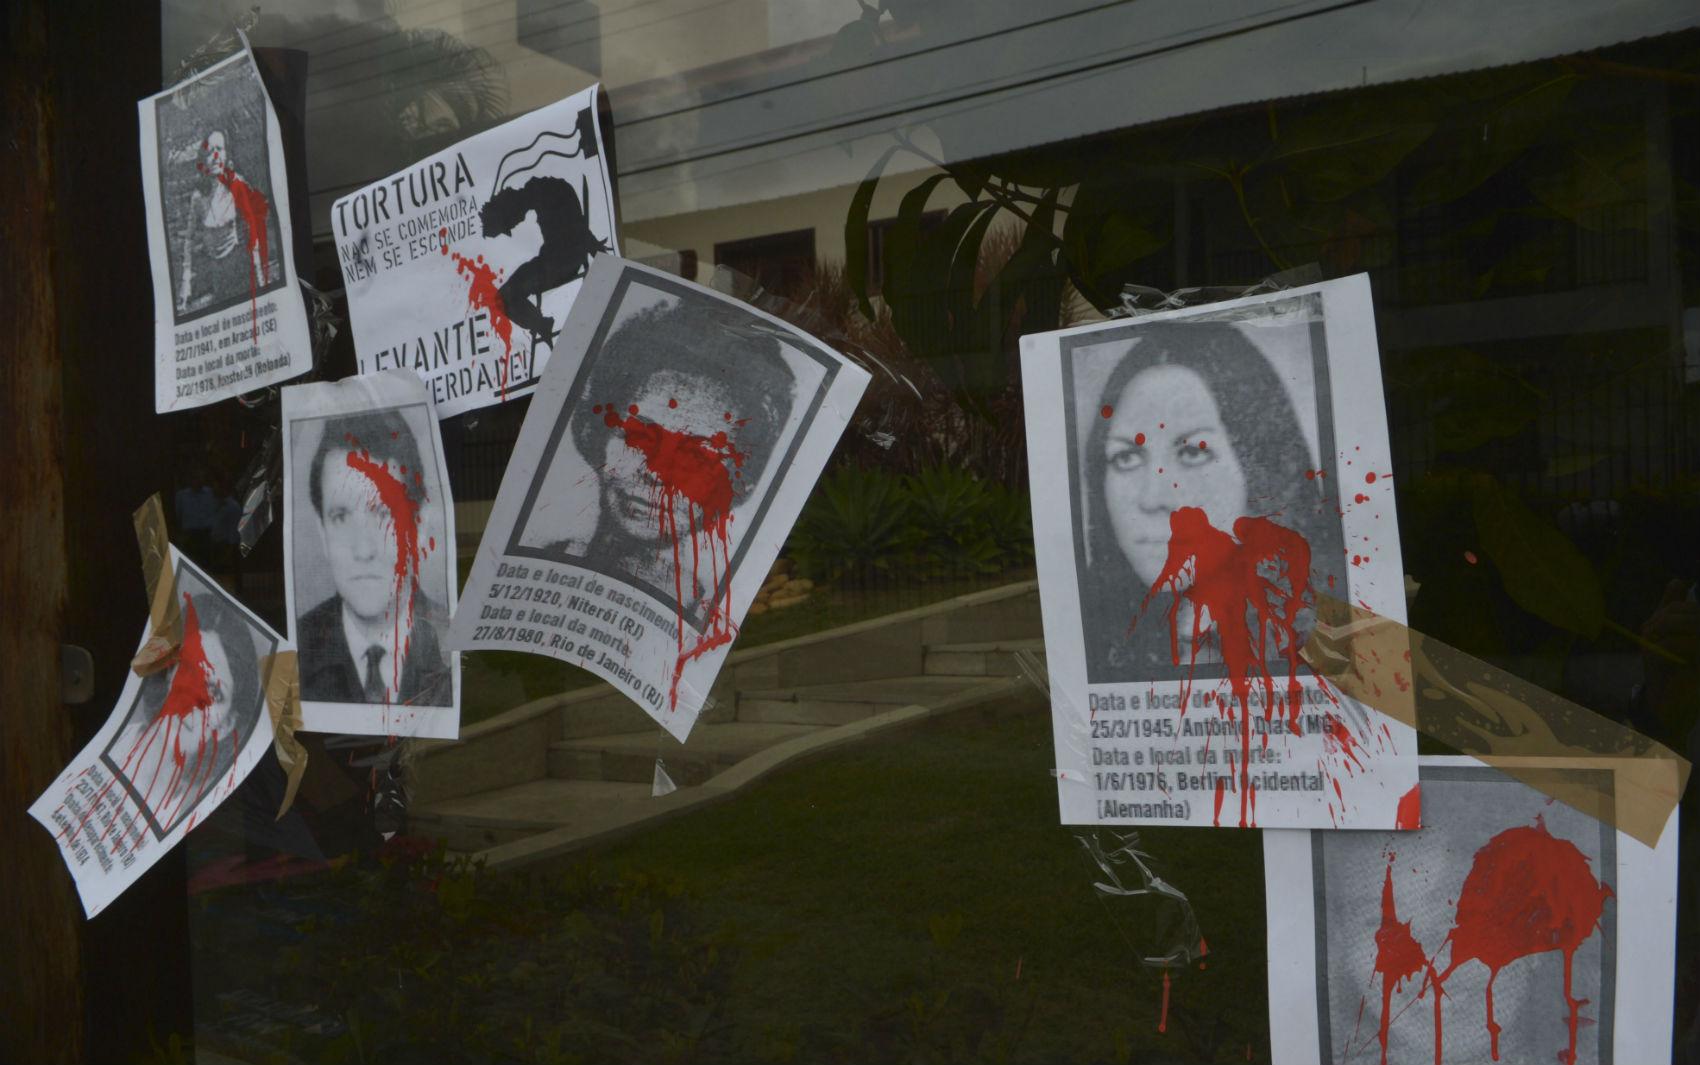 Brasília - Integrantes de movimentos sociais protestaram com faixas, cartazes e pichações no asfalto em frente a casa do coronel reformado Carlos Alberto Brilhante Ustra